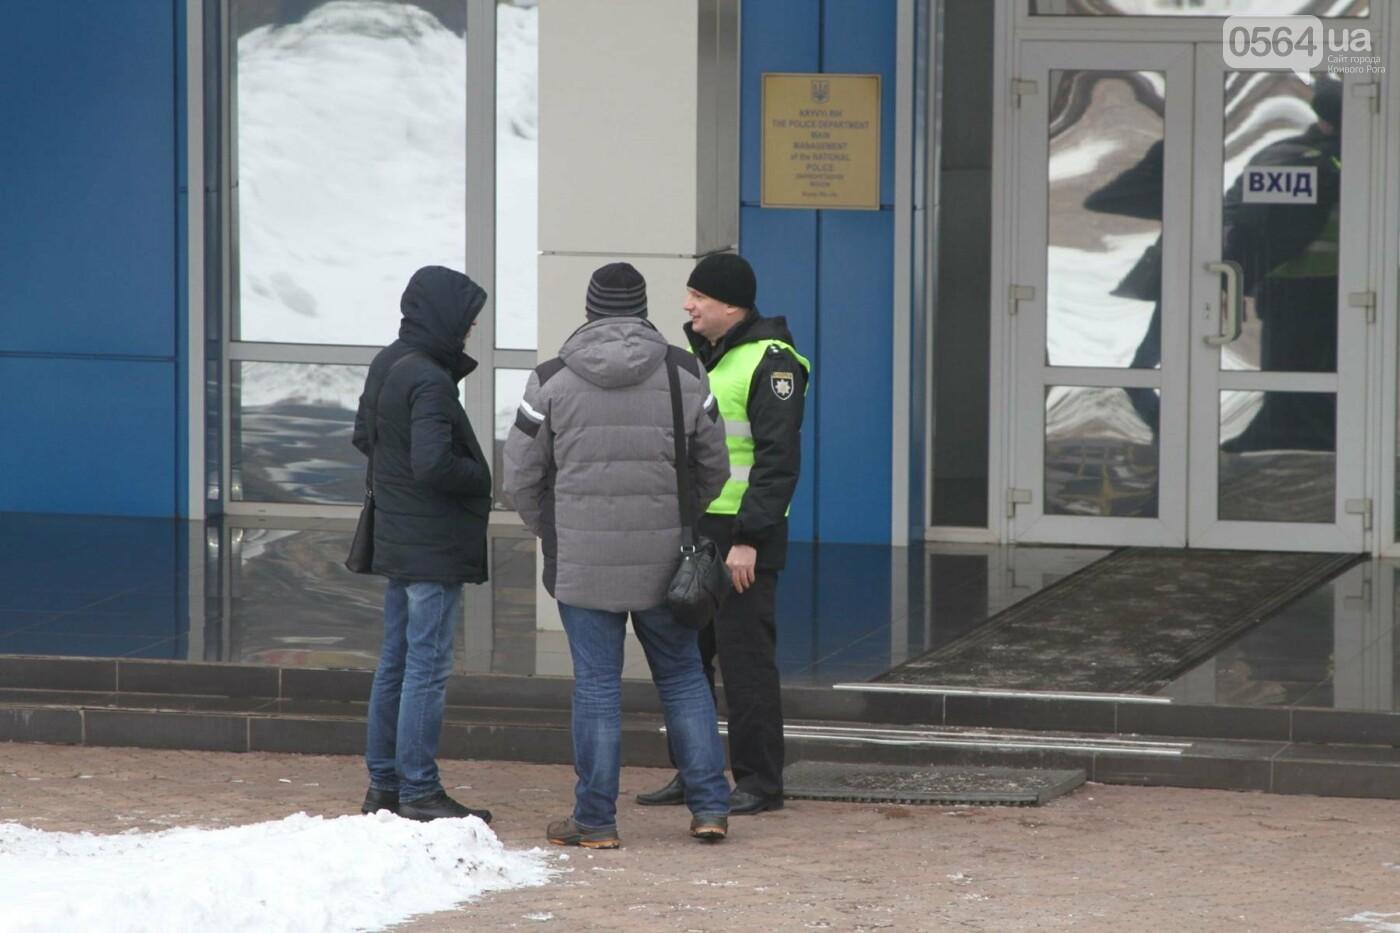 Сотрудники КривбассПВС митинговали под УВД, защищая Константина Борща (ФОТО), фото-1